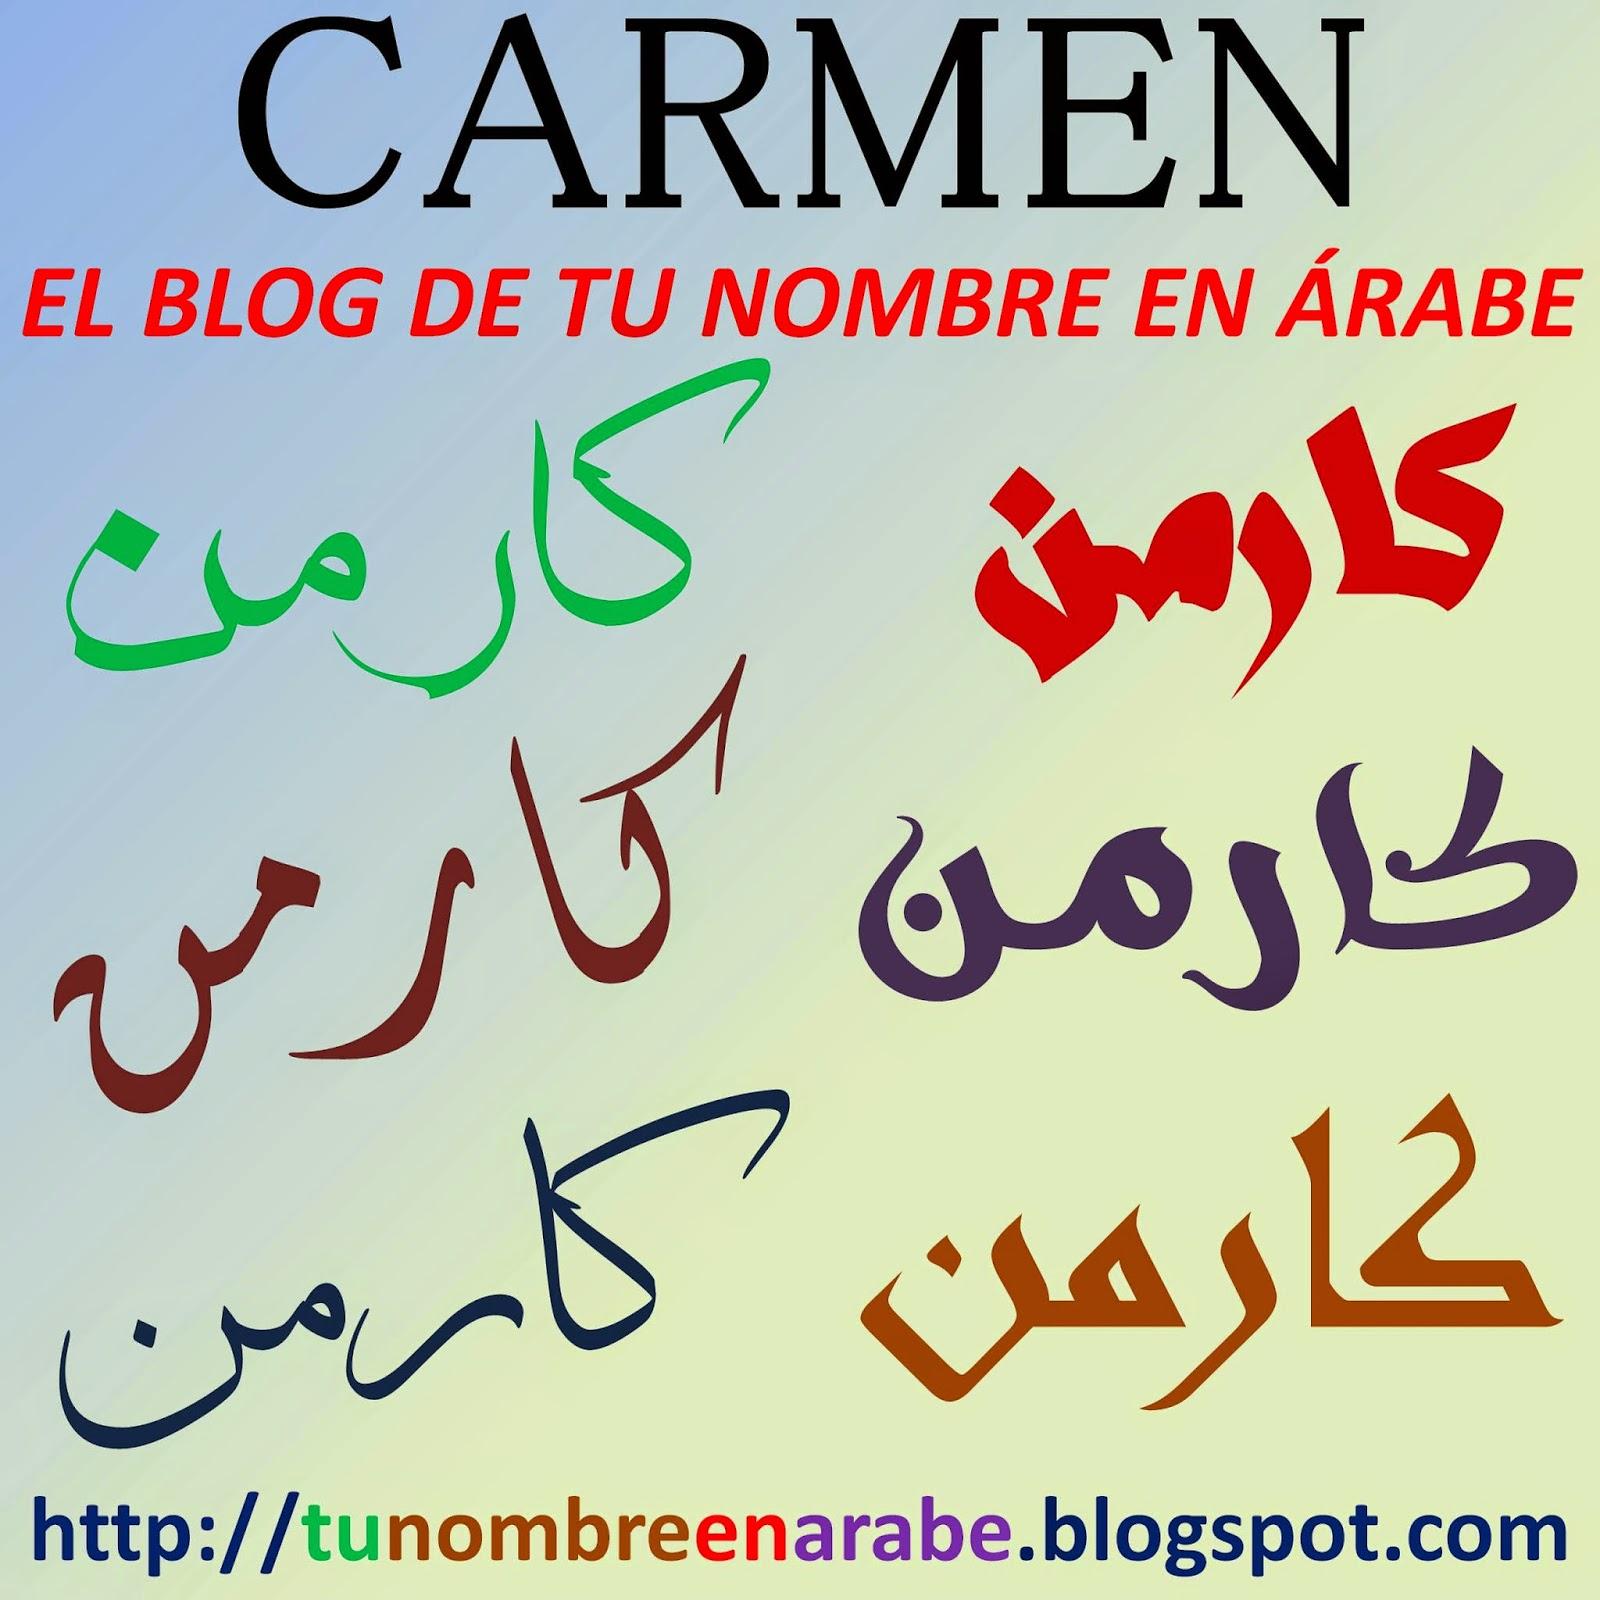 Escribir nombre Carmen en letras arabes